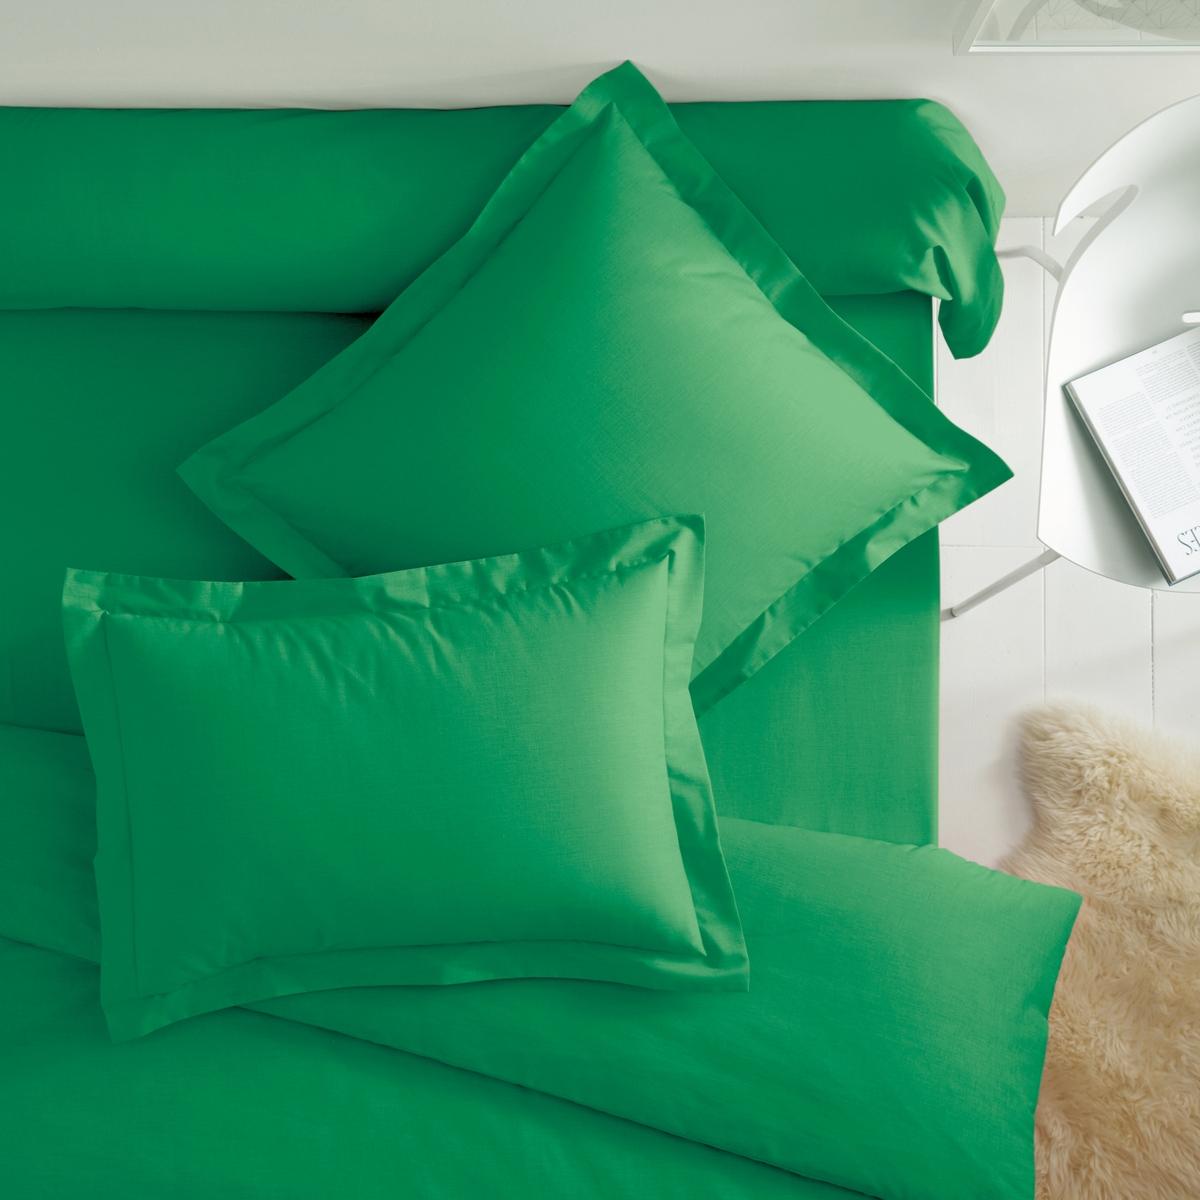 Наволочки из хлопка с гладким воланомКвадратная и прямоугольная наволочка из 100% хлопка плотного плетения для длительного комфорта и отличной прочности. Отличная стойкость цветов к стиркам   (60 °C).57 нитей/см? : чем больше нитей/см?, тем выше качество материала.Характеристики наволочек из хлопка с воланом:- Наволочки (квадратная или прямоугольная) имеют широкий клапан для надёжного удерживания подушки.- Отделка гладким воланом 5 см.                                                                                                                                                                         Преимущества   : une   superbe gamme de coloris tr?s великолепная гамма очень современных оттенков для сочетания по желанию с простынями и пододеяльниками SCENARIO и рисунками коллекции. Знак Oeko-Tex® гарантирует, что товары протестированы и сертифицированы, не содержат вредных веществ, которые могли бы нанести вред здоровью.                                                                                                          Наволочка :50 x 70 см : прямоугольная наволочка 63 x 63 см: квадратная наволочка                                                                                                                                 Откройте для себя всю коллекцию постельного белья, нажав SC?NARIO UNI<br><br>Цвет: желтый солнечный,зелено-синий,изумрудный,красный